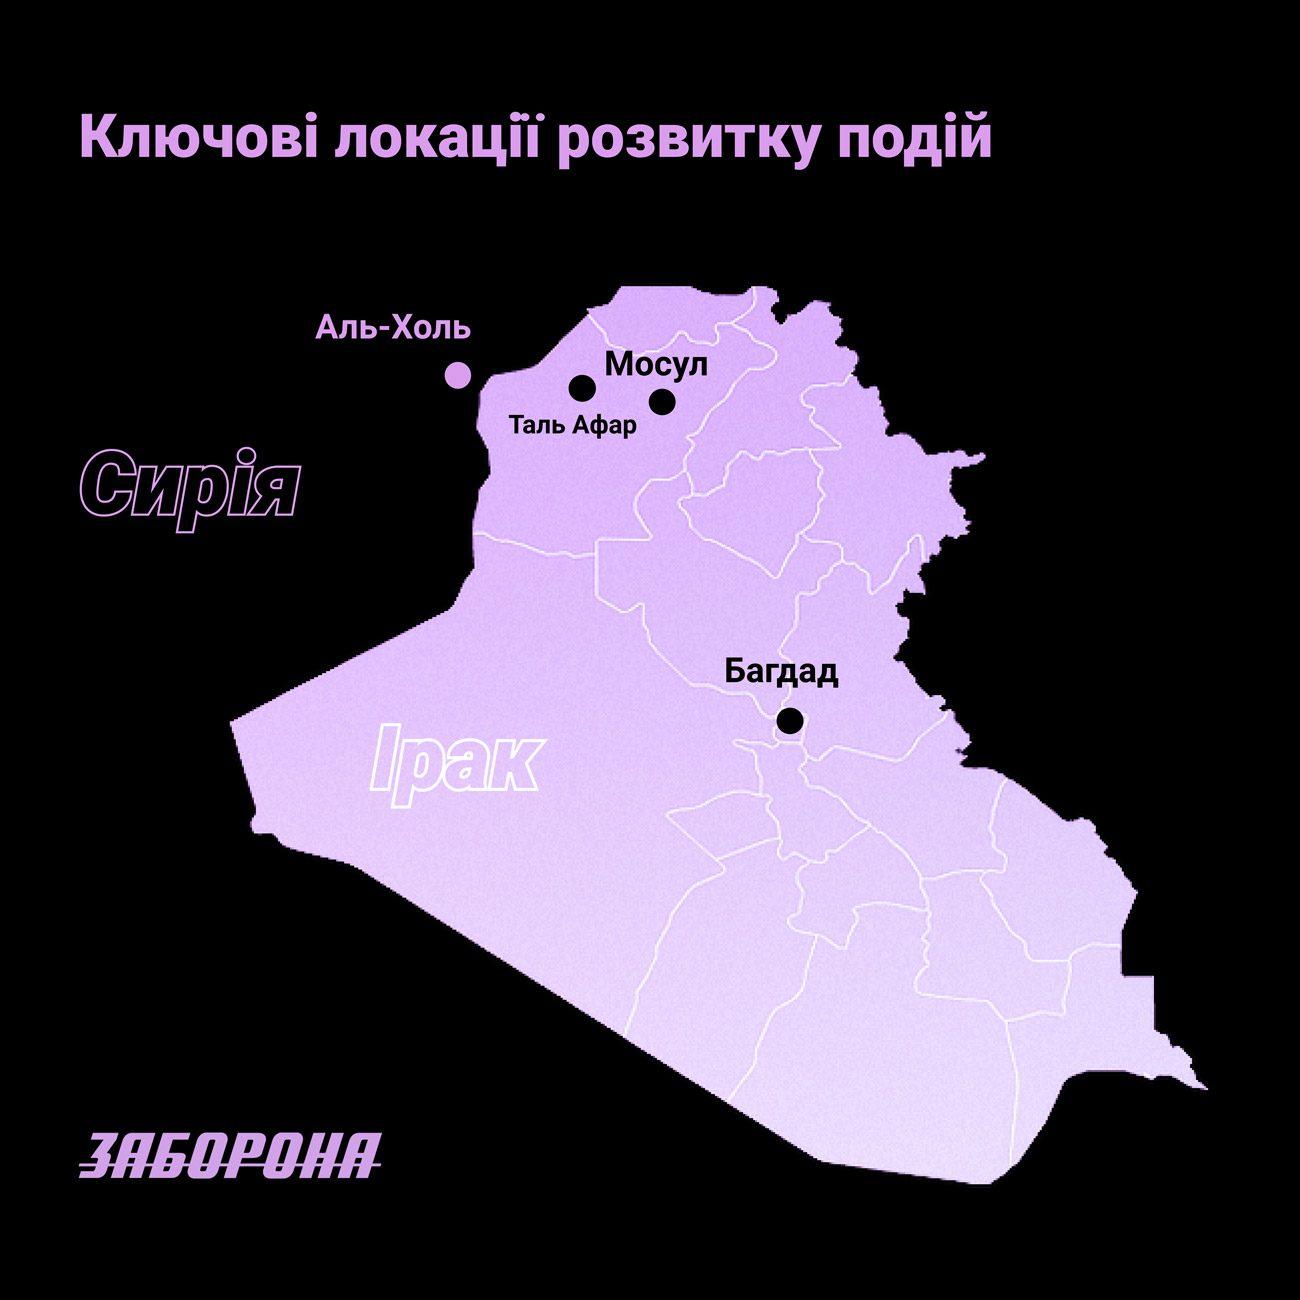 mosul ua 02 - <b>Хадіджа та її хлопчики.</b> Як це - шукати сім'ю, що зникла в «Ісламській державі» - Заборона